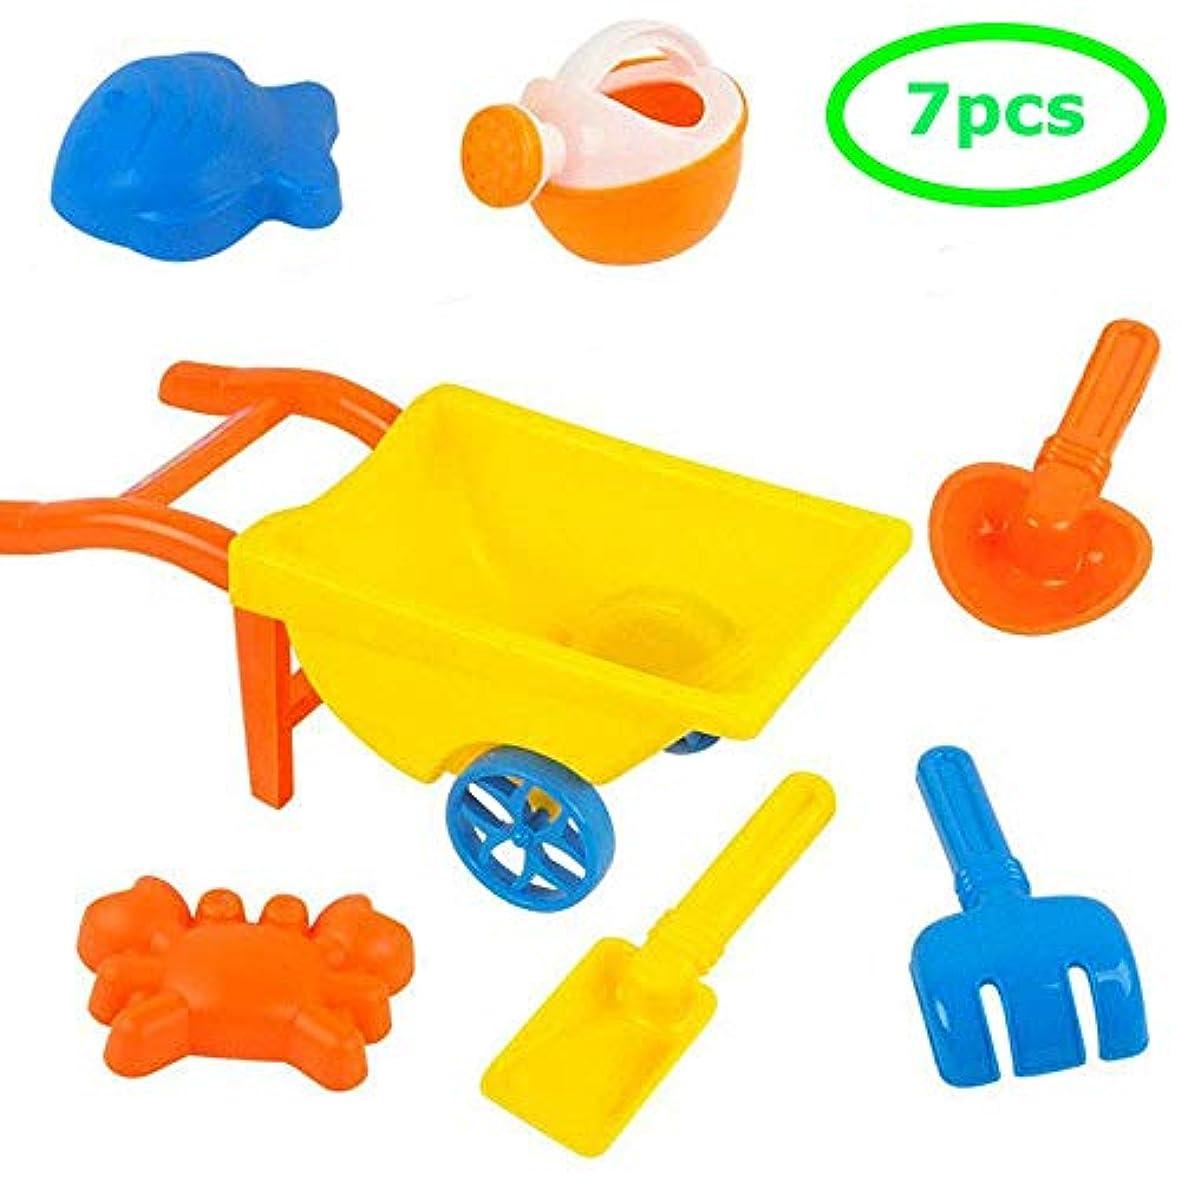 うなり声眼各新しいビーチ砂のおもちゃ7ピースビーチトロリーレーキ缶子供ビーチおもちゃプラスチック屋外おもちゃ砂のおもちゃ